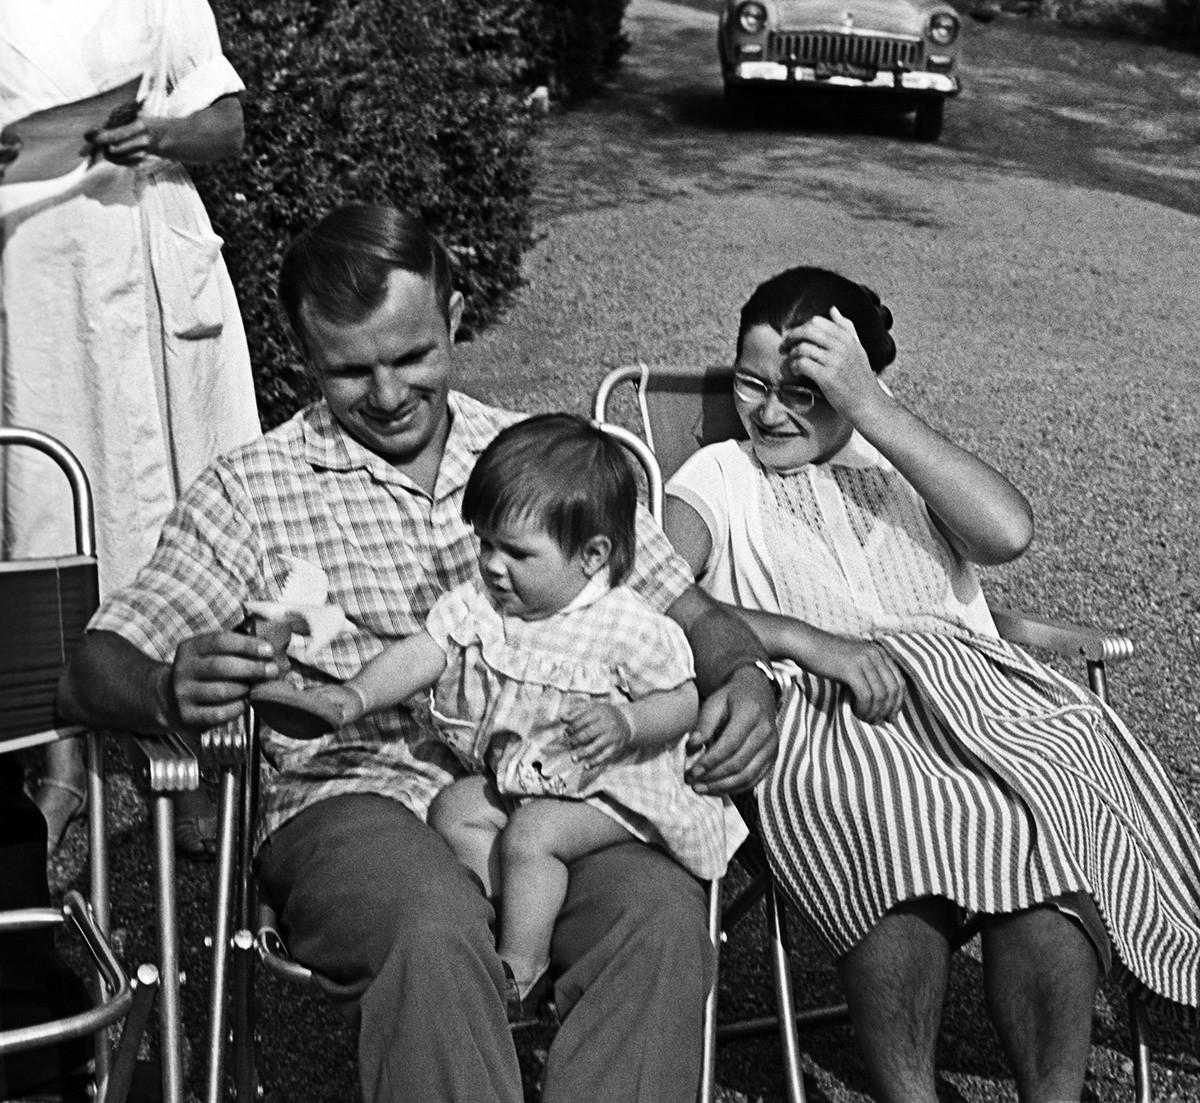 ガガーリン夫妻と娘ガリーナがクリミア半島の休暇中、1961年8月1日